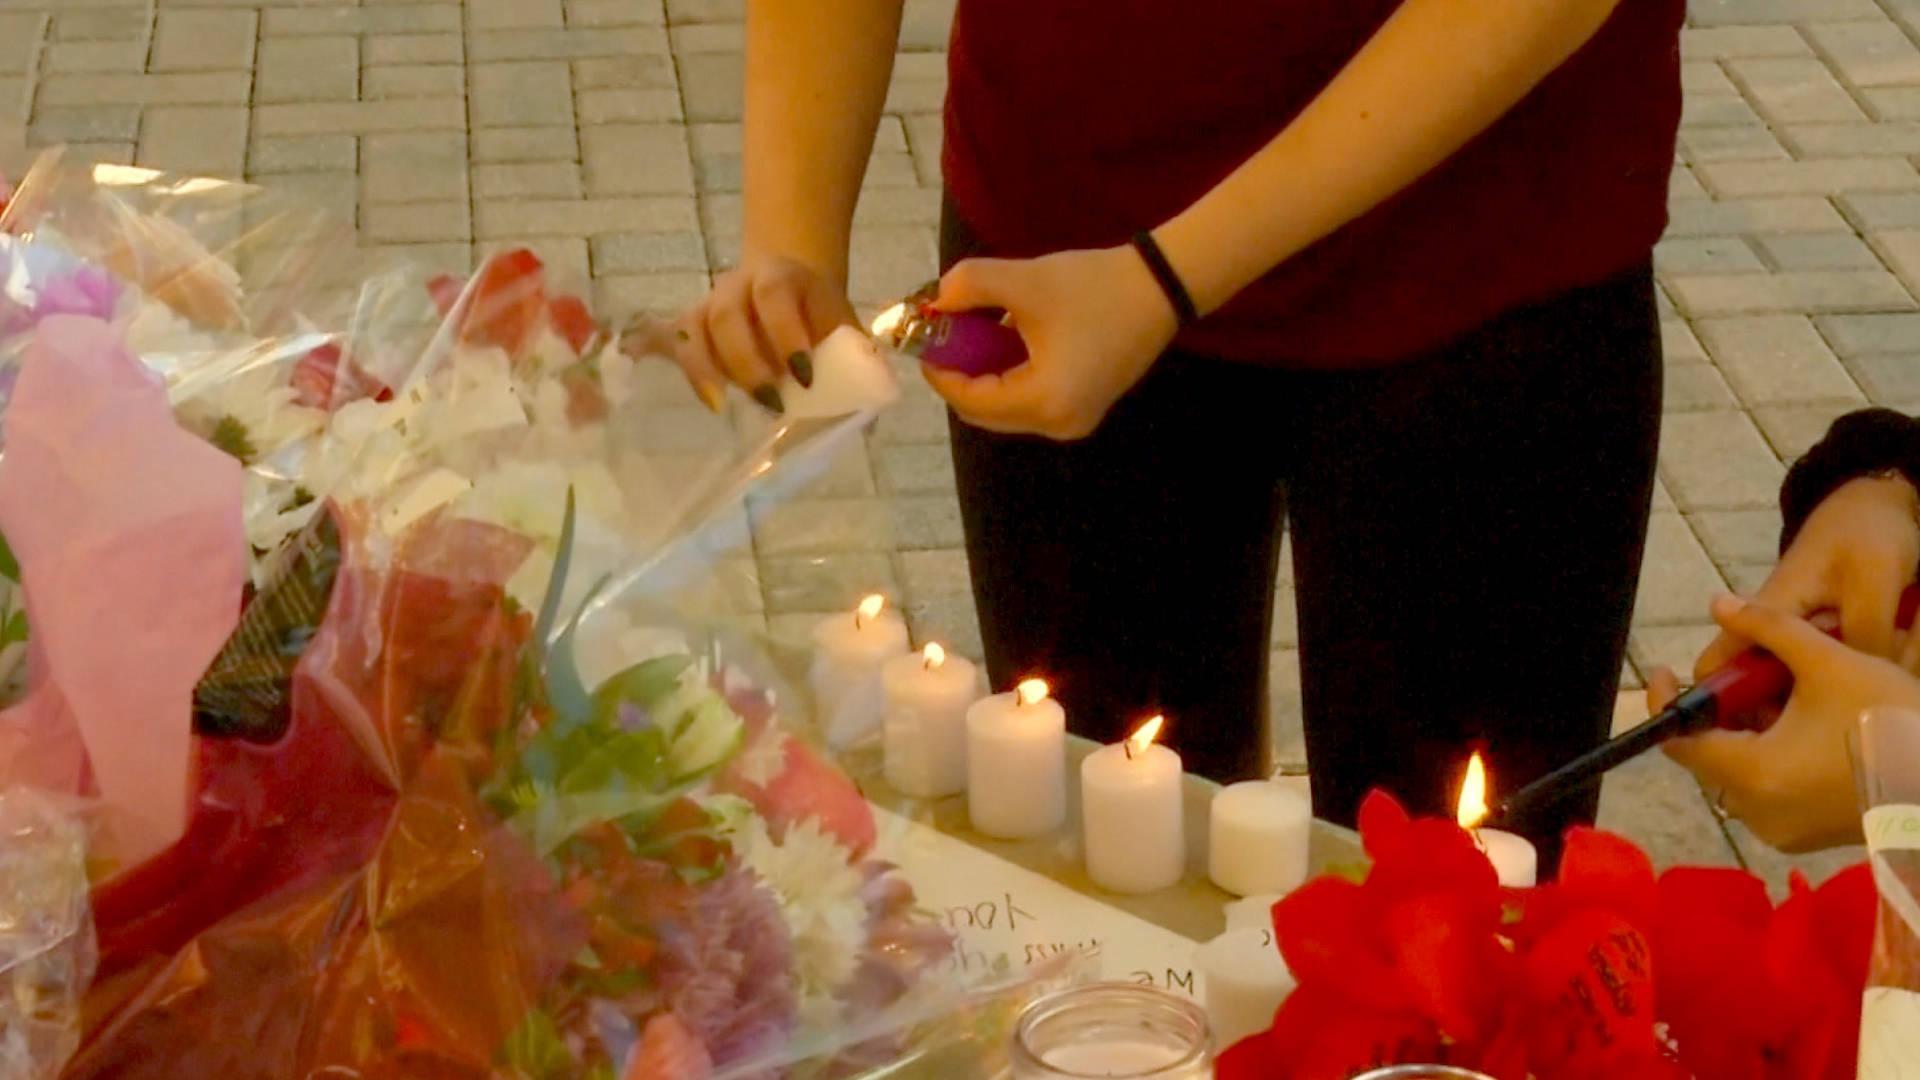 2 Survivors of Parkland Massacre Die by Suicide